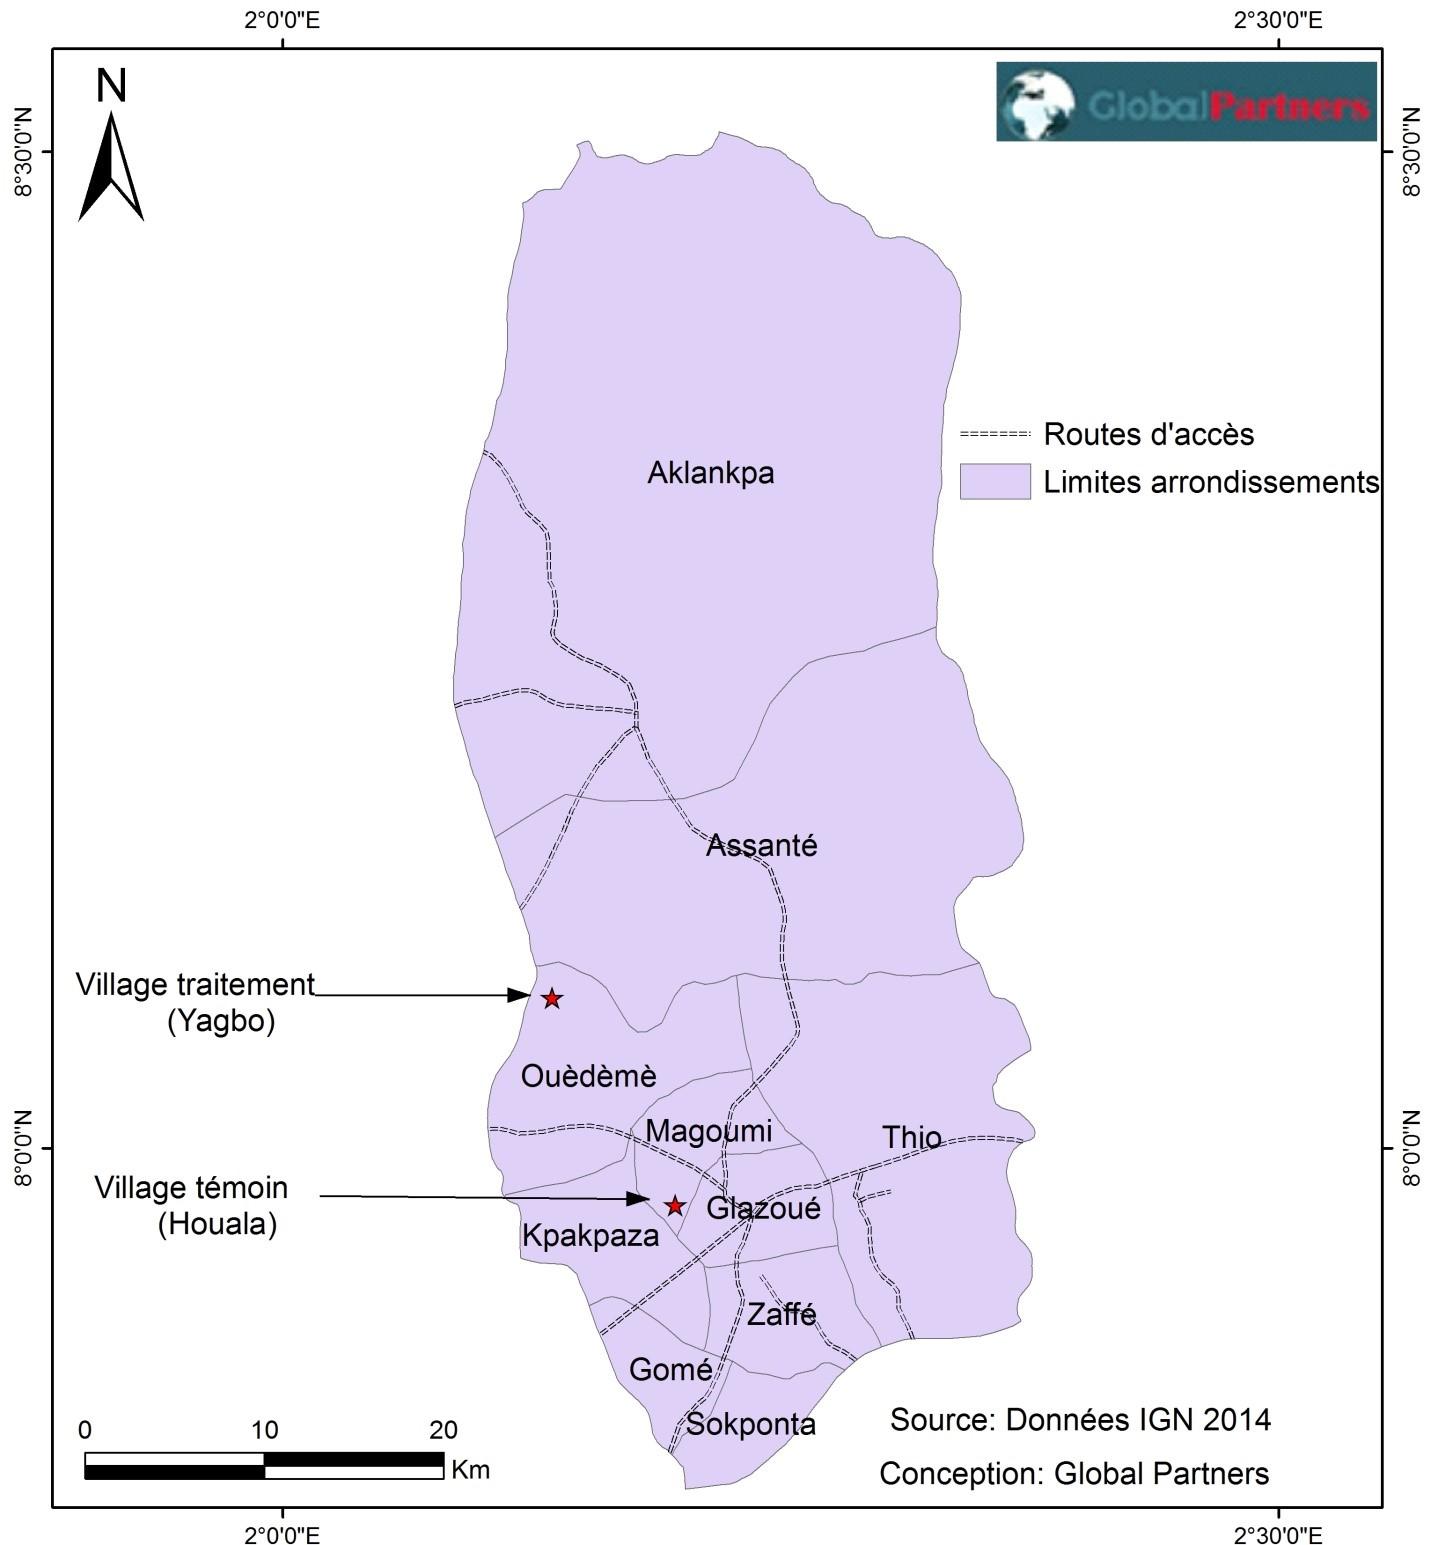 Localisation des villages de Yagbo and Houala dans la Commune de Glazoue